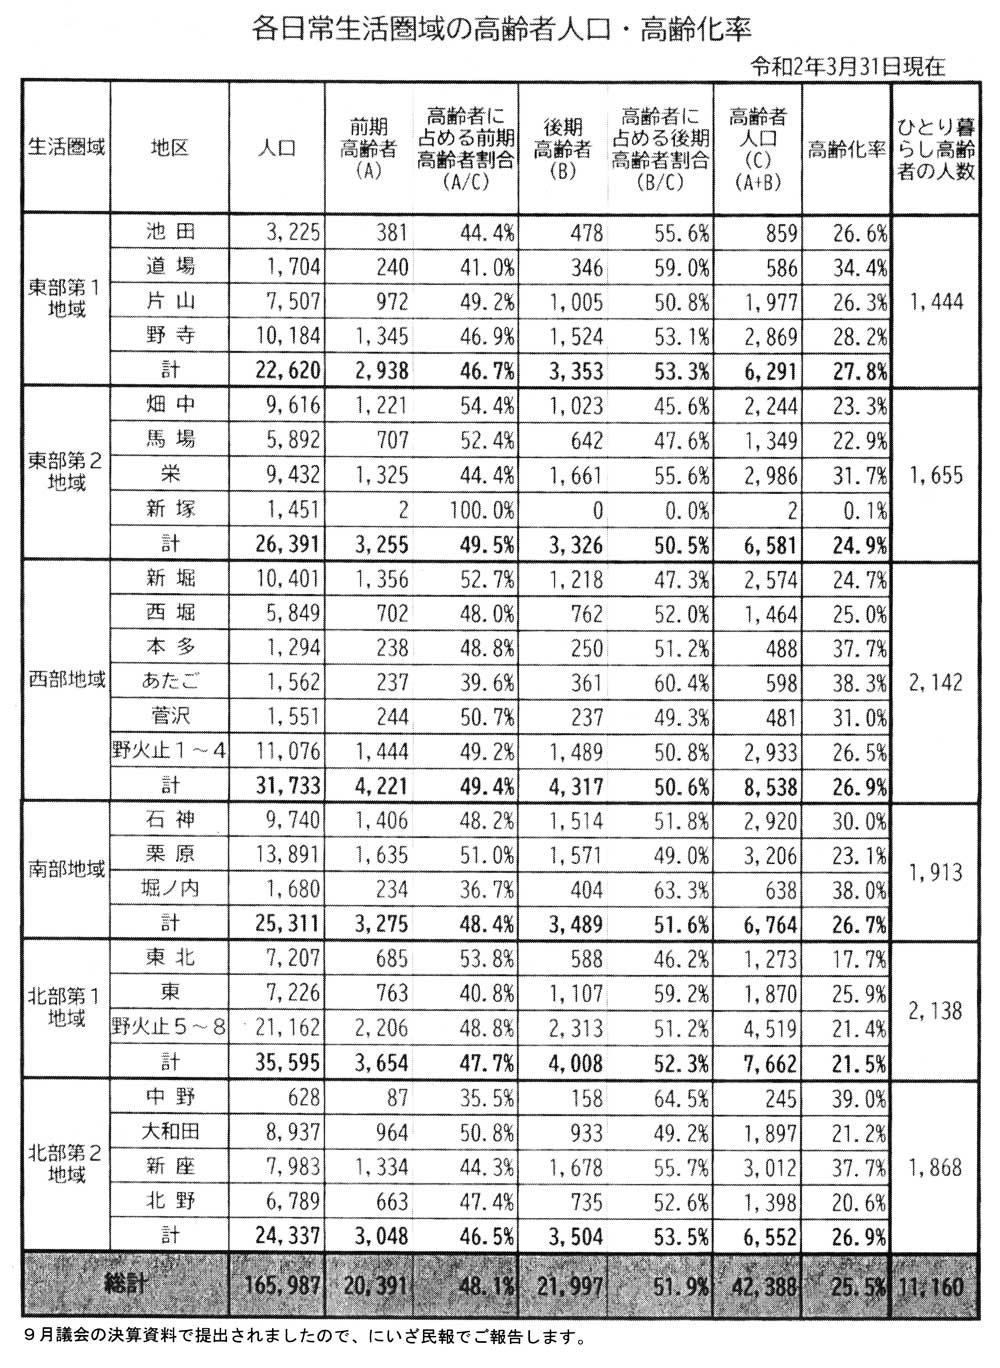 各日常生活圏域の高齢者人口・高齢化率 令和2年3月31日現在